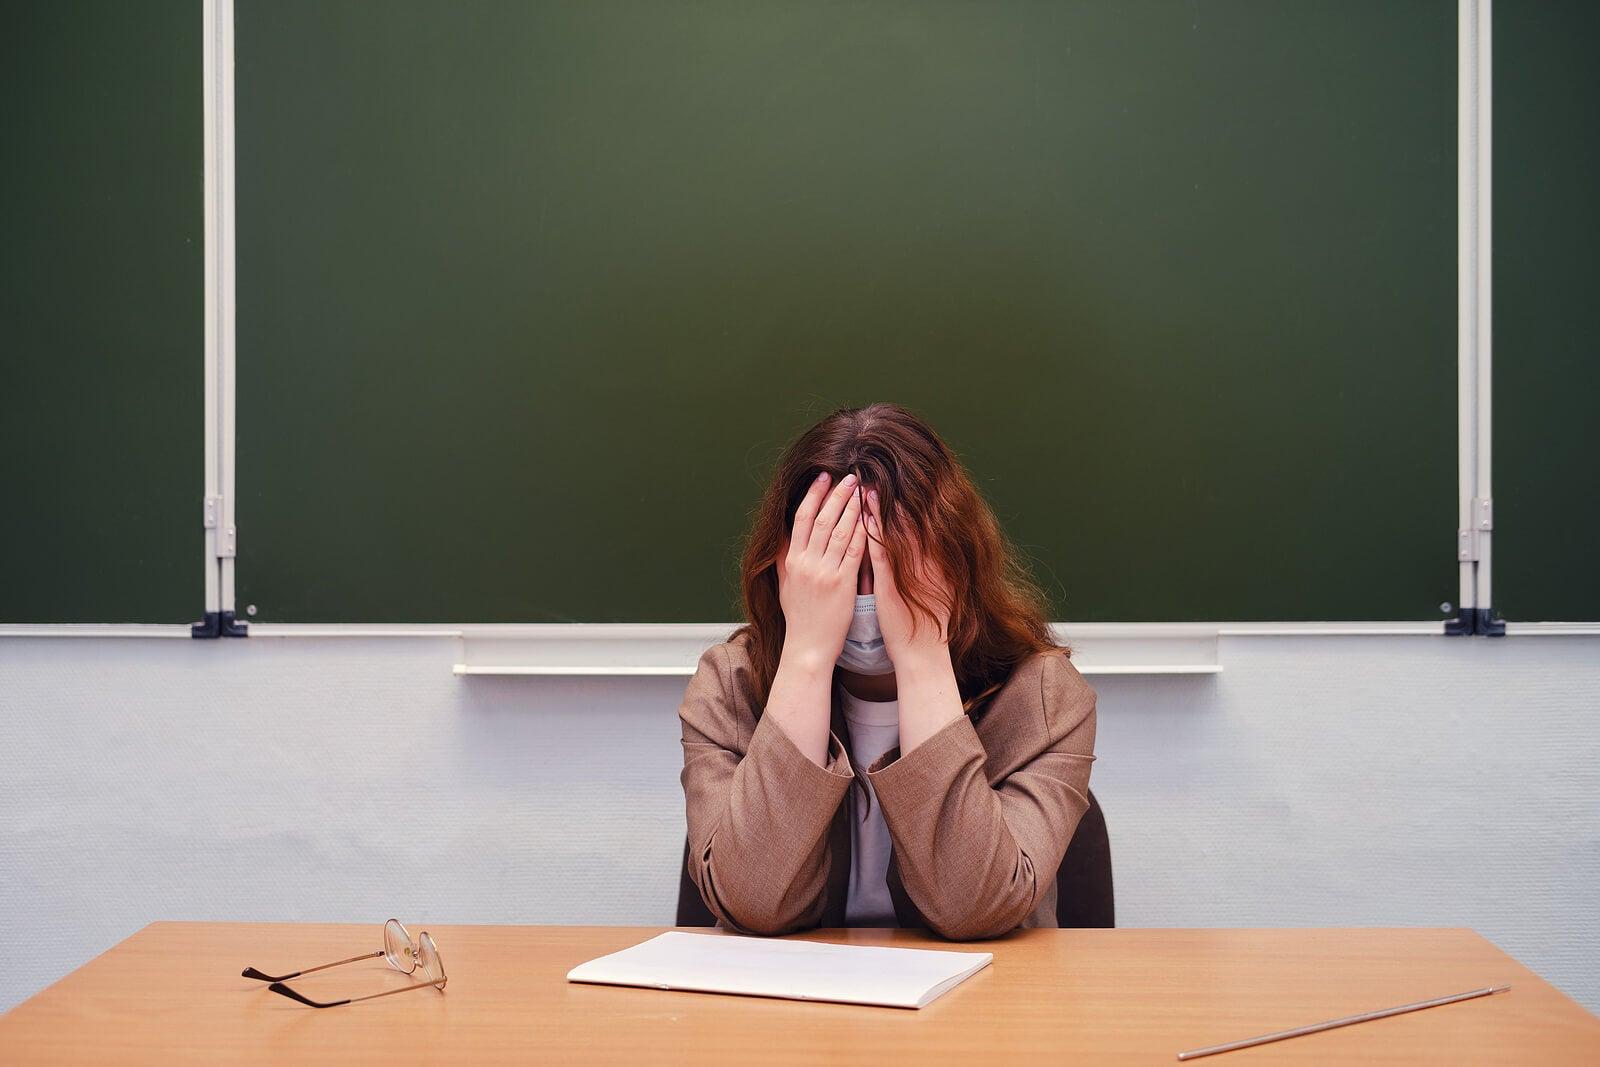 Profesora llorando en la mesa de clase porque sufre bullying.